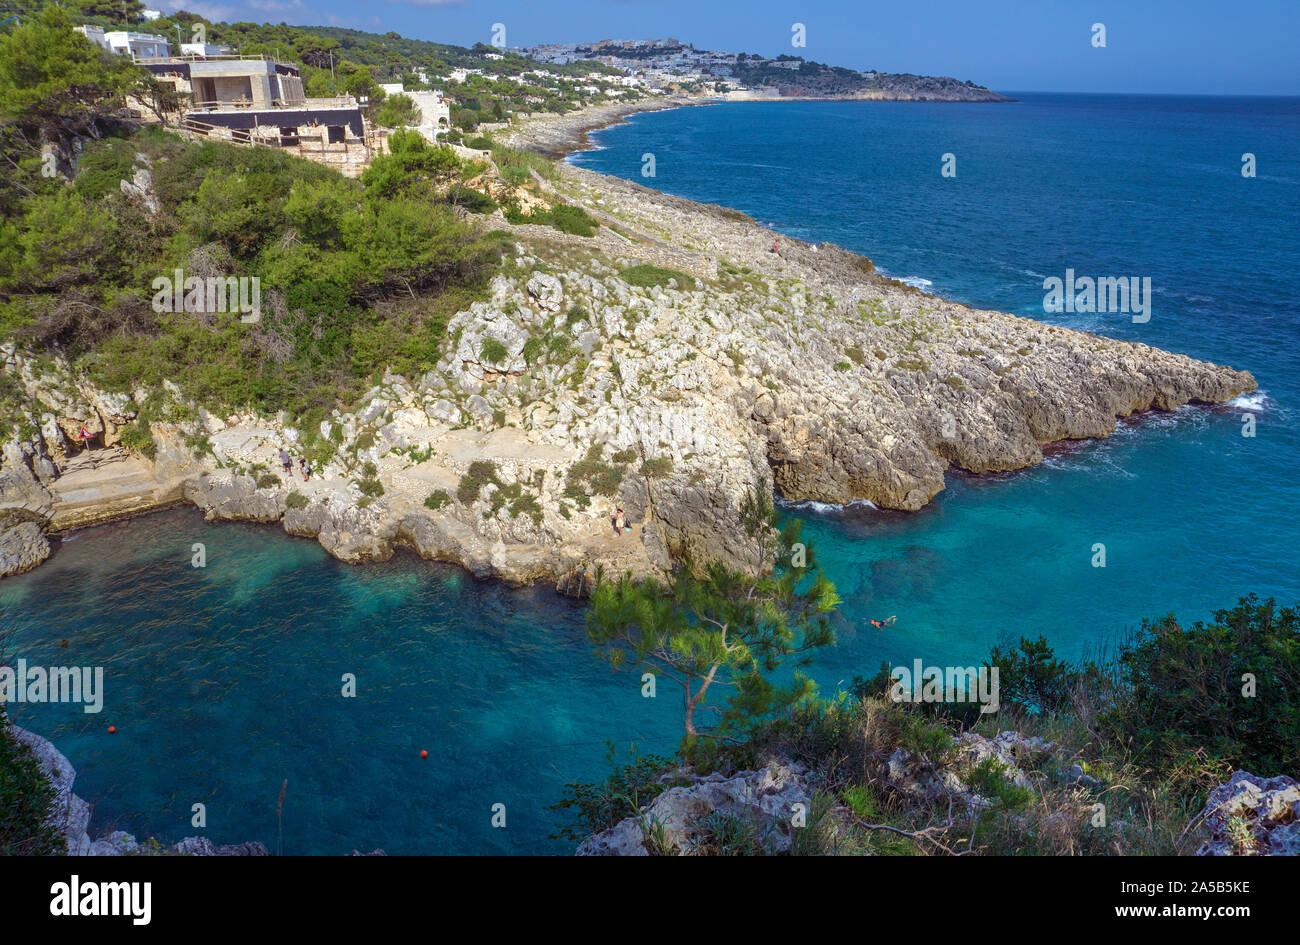 The idyllic beach and bay Cala dell'Acquaviva at Castro, Lecce, Apulia, Italy Stock Photo